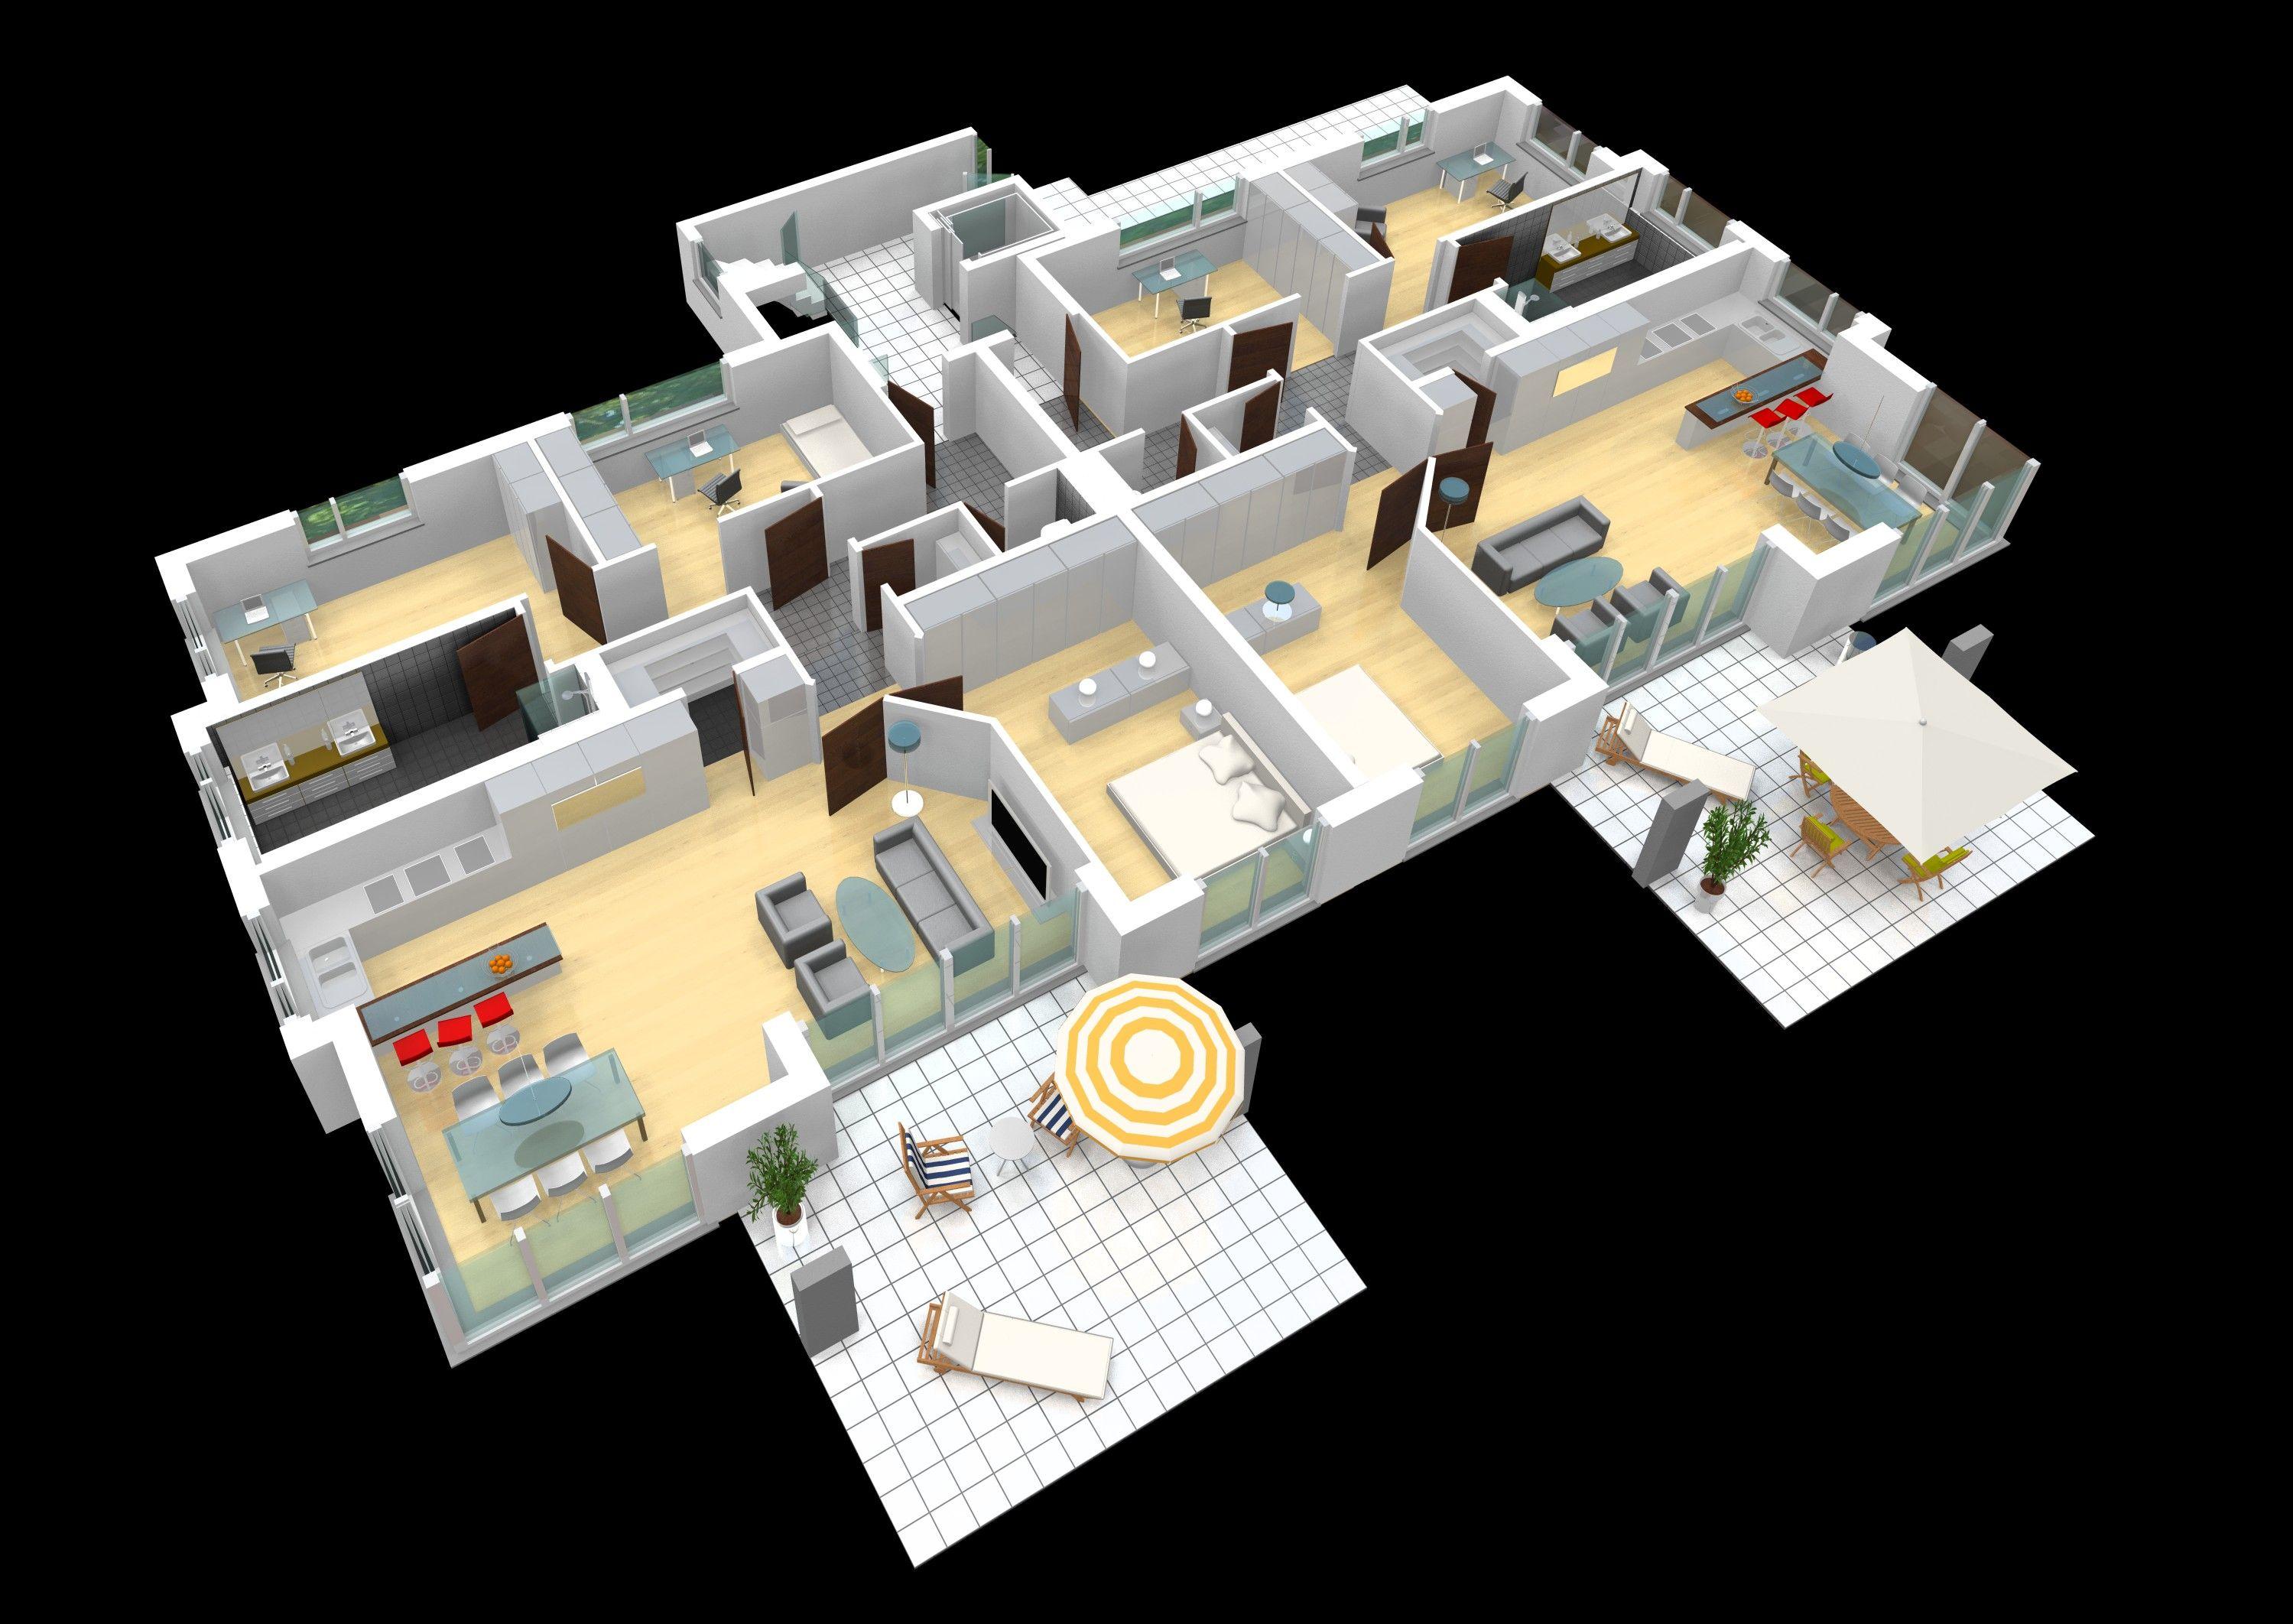 Architekturvisualisierung Stuttgart architekturvisualisierung 3d grundriss mehrfamilienhaus